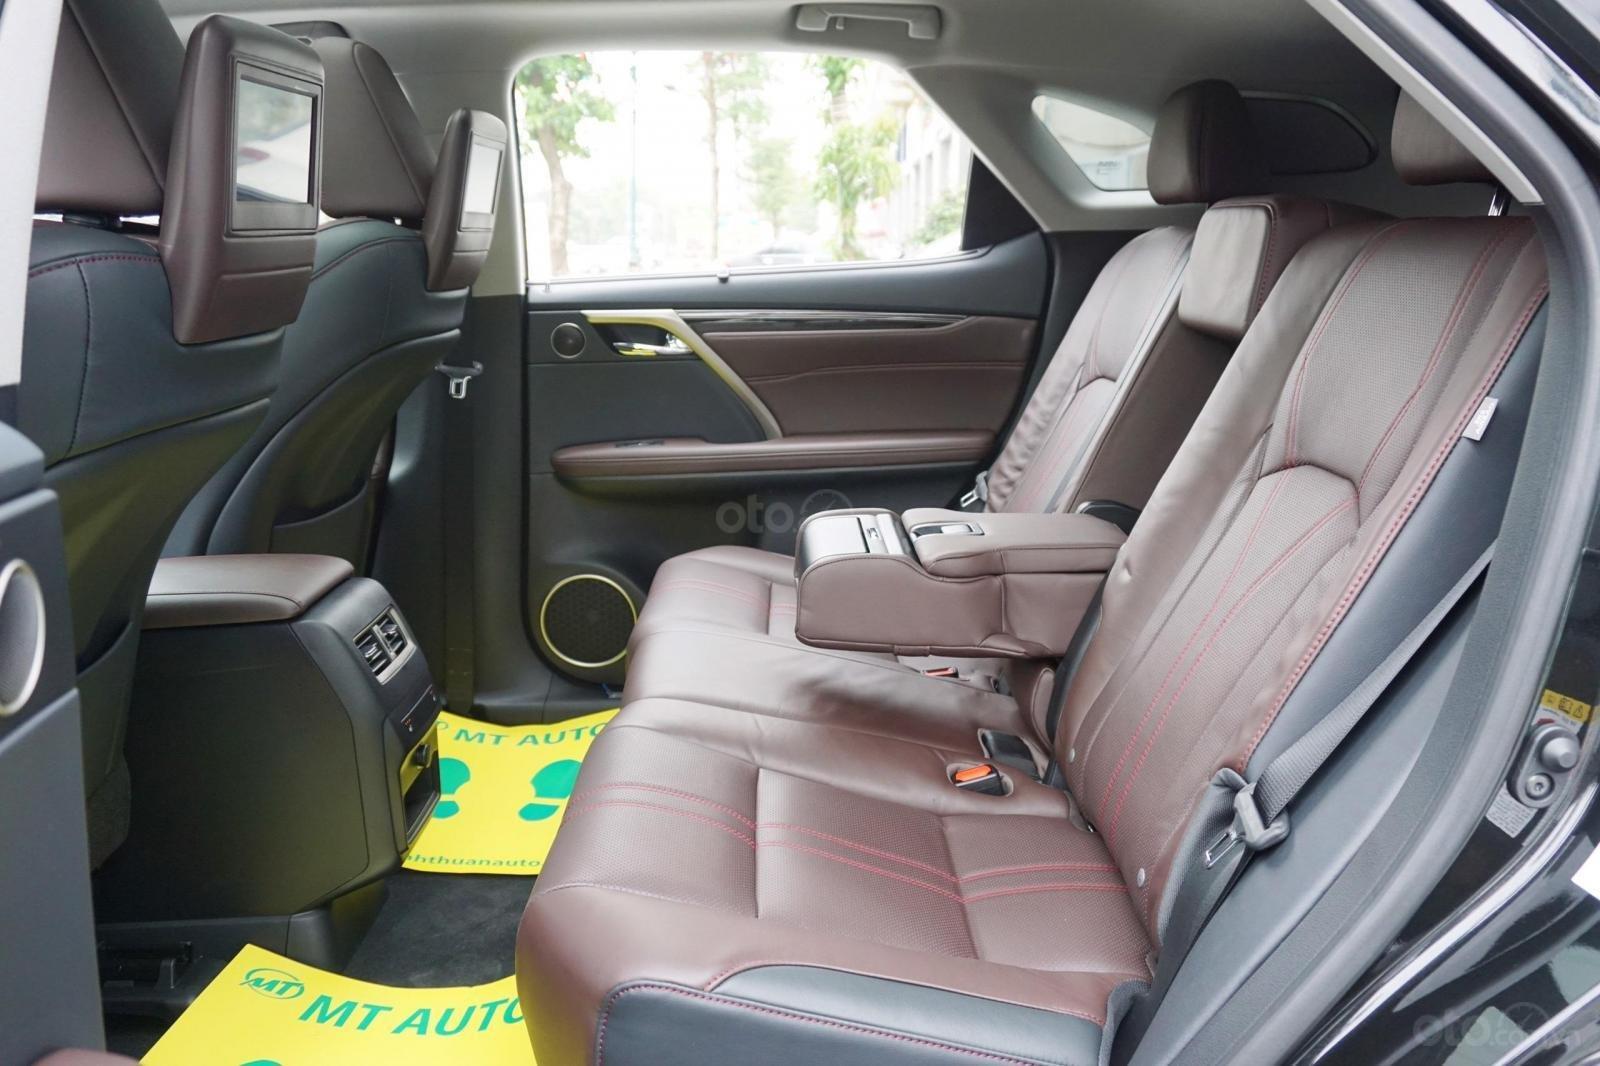 Bán Lexus RX 350 sản xuất 2019, màu đen, nhập Mỹ, giao ngay, LH 094.539.2468 Ms Hương (15)